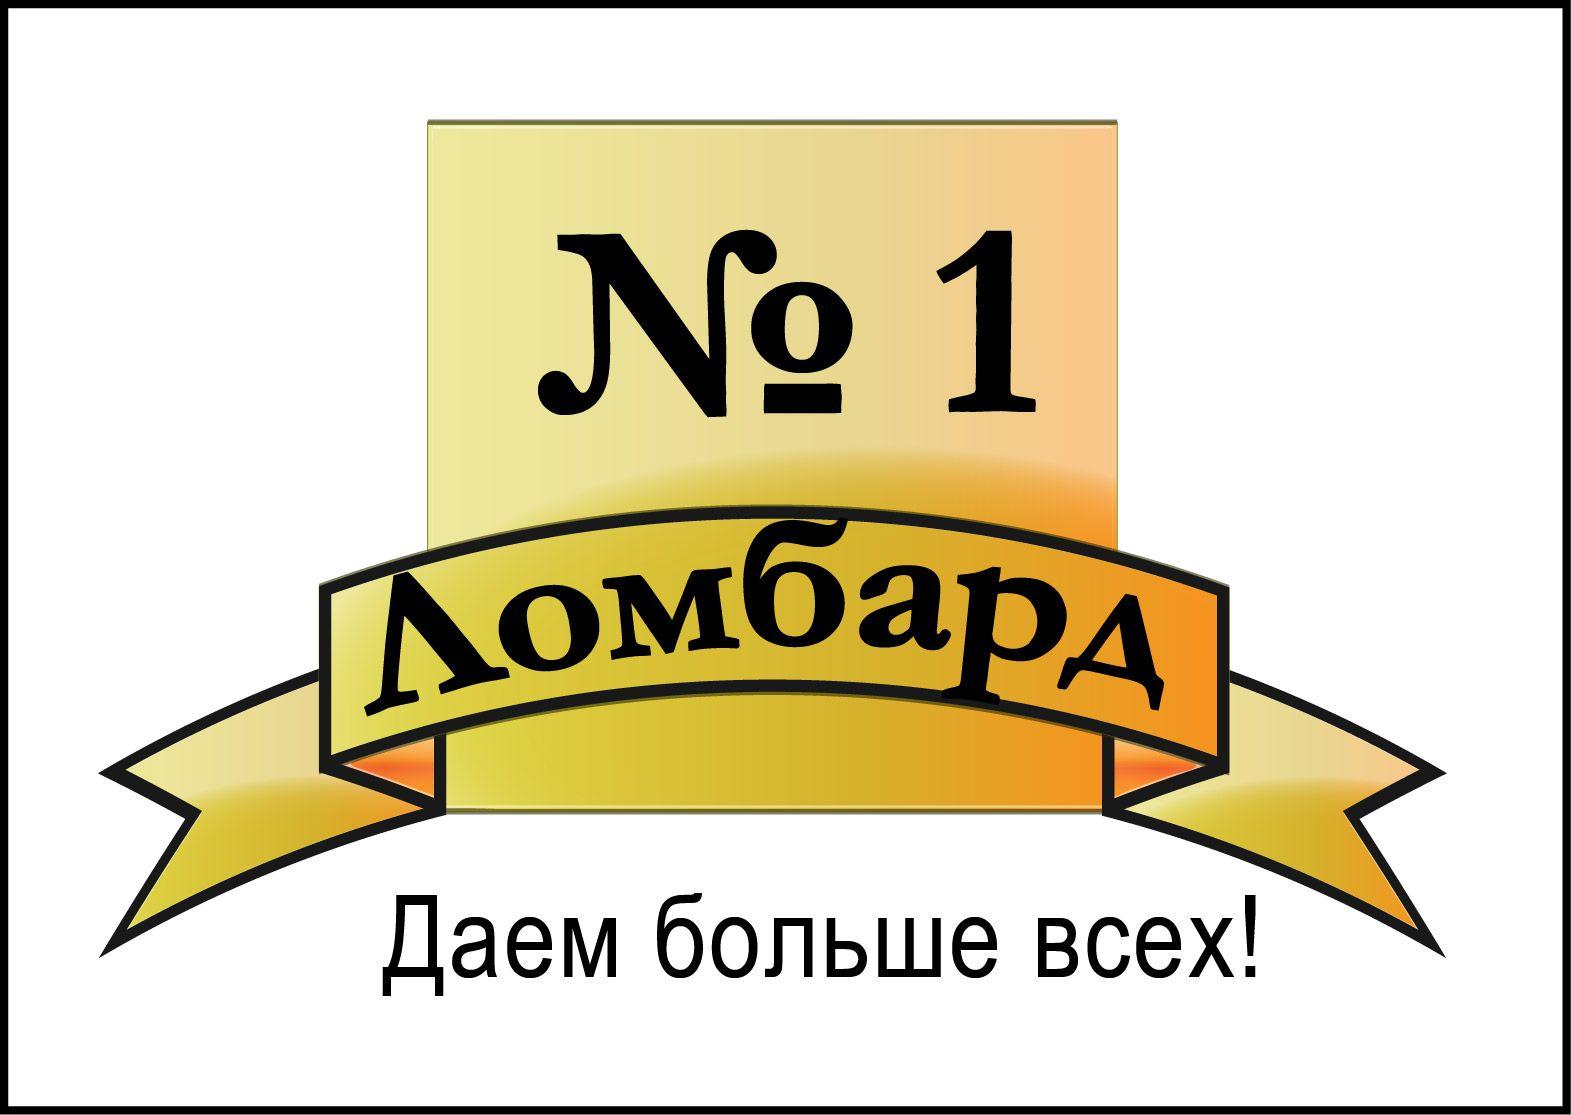 Дизайн логотипа Ломбард №1 - дизайнер Forlsket